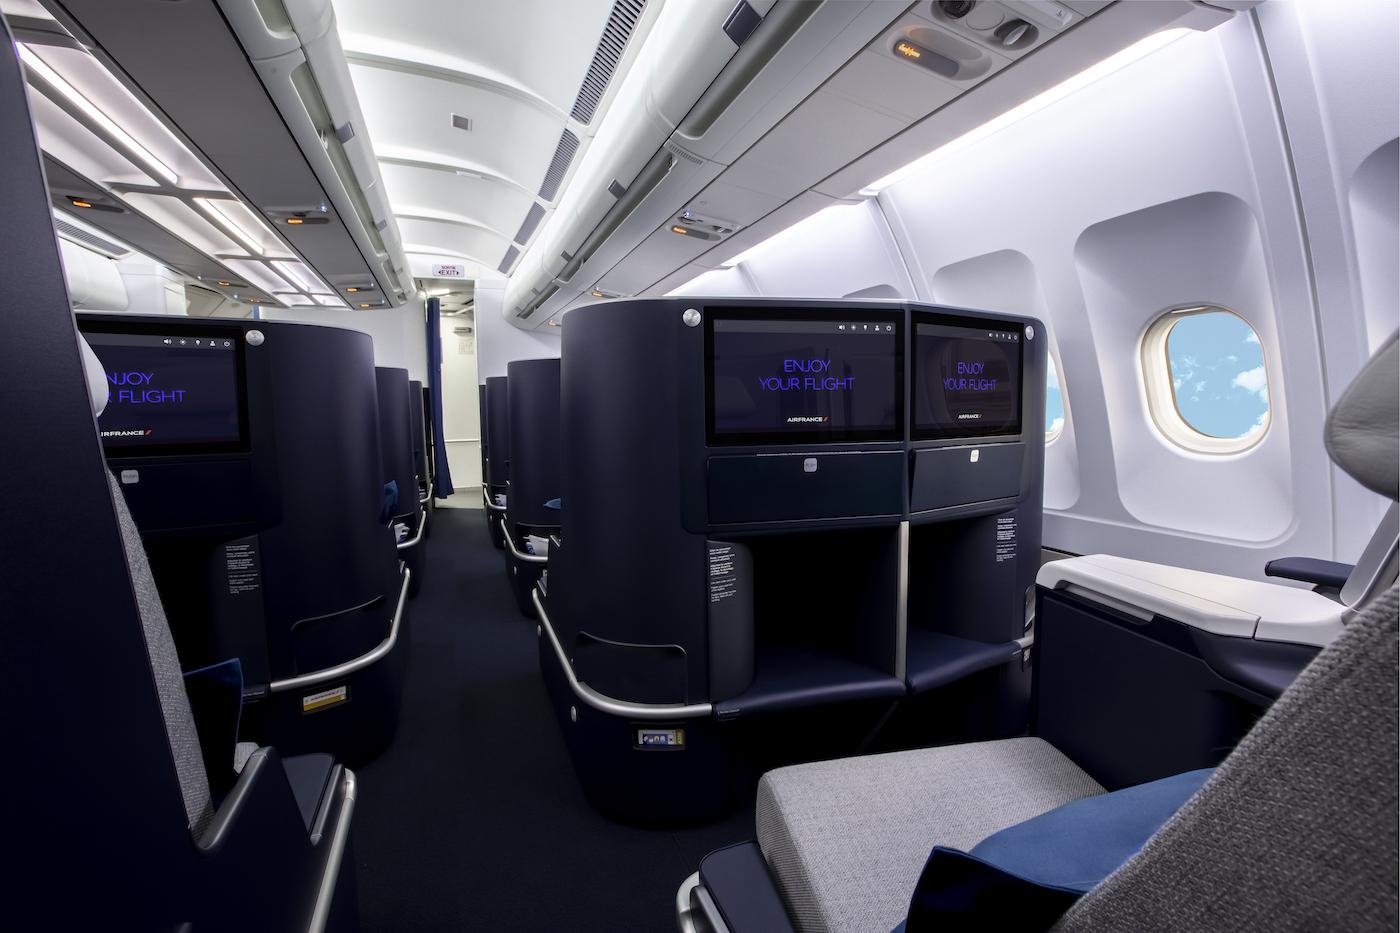 Air France präsentiert die neue Business Klasse im Airbus A330 2